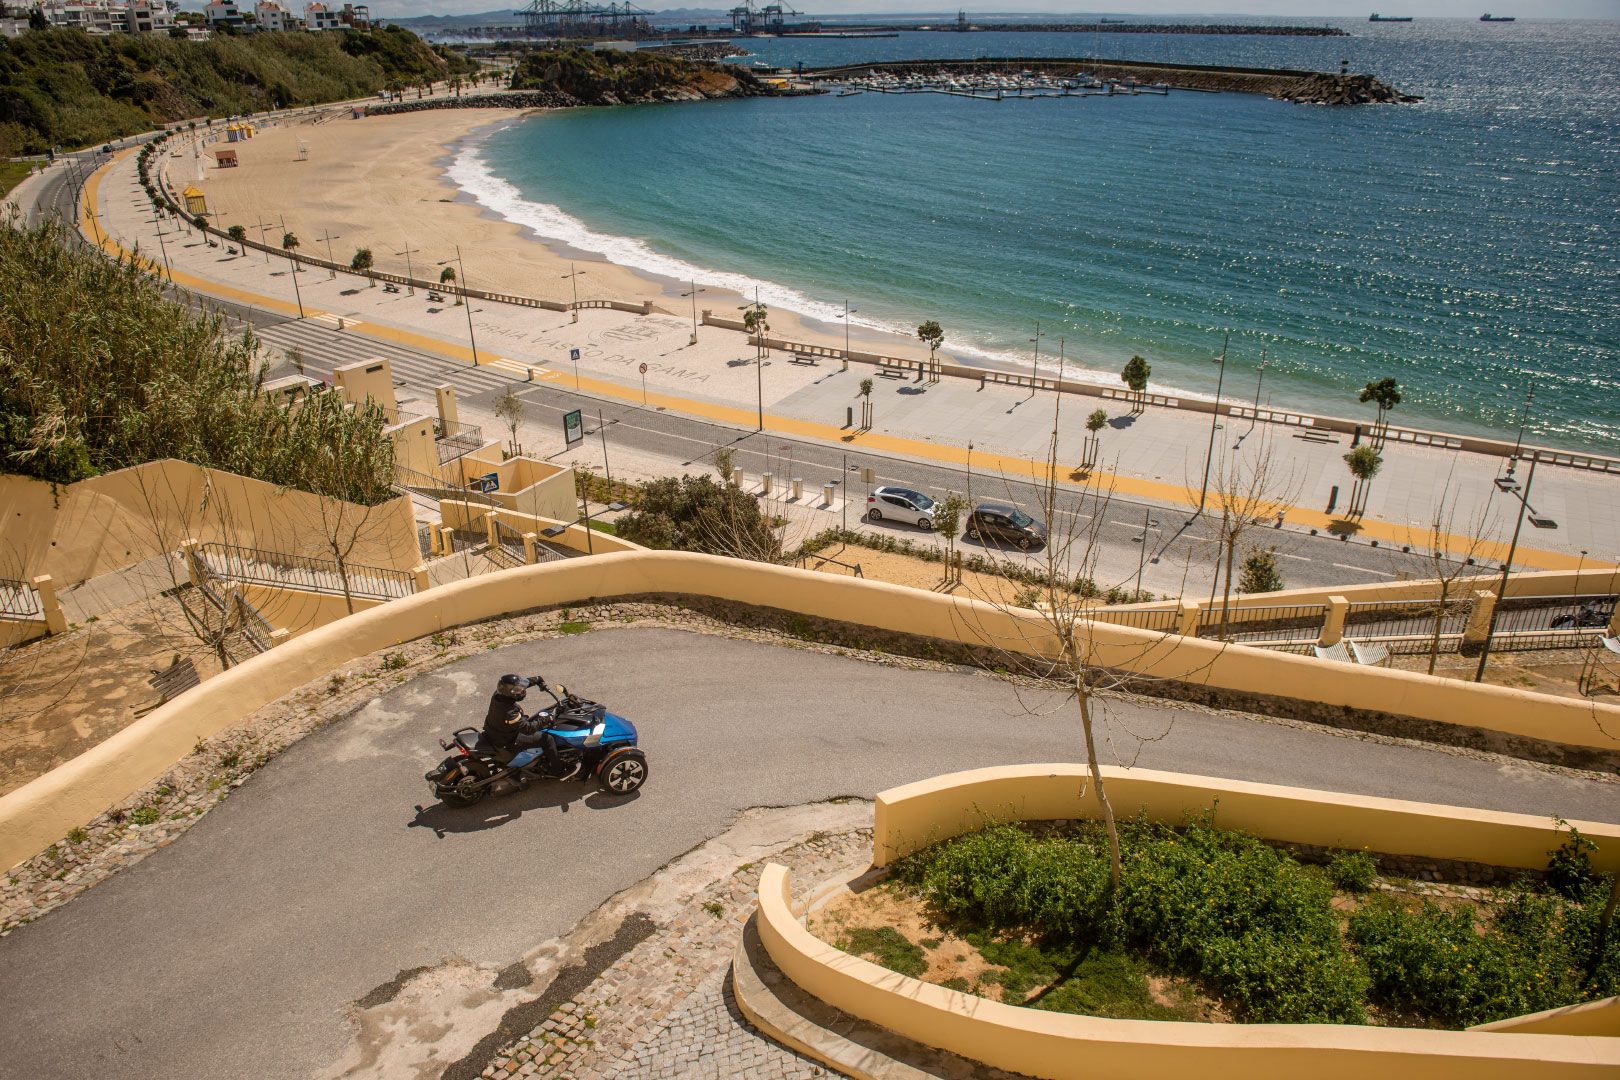 Auf drei Rädern durch Portugal – Roadtrip mit dem Can-Am Spyder